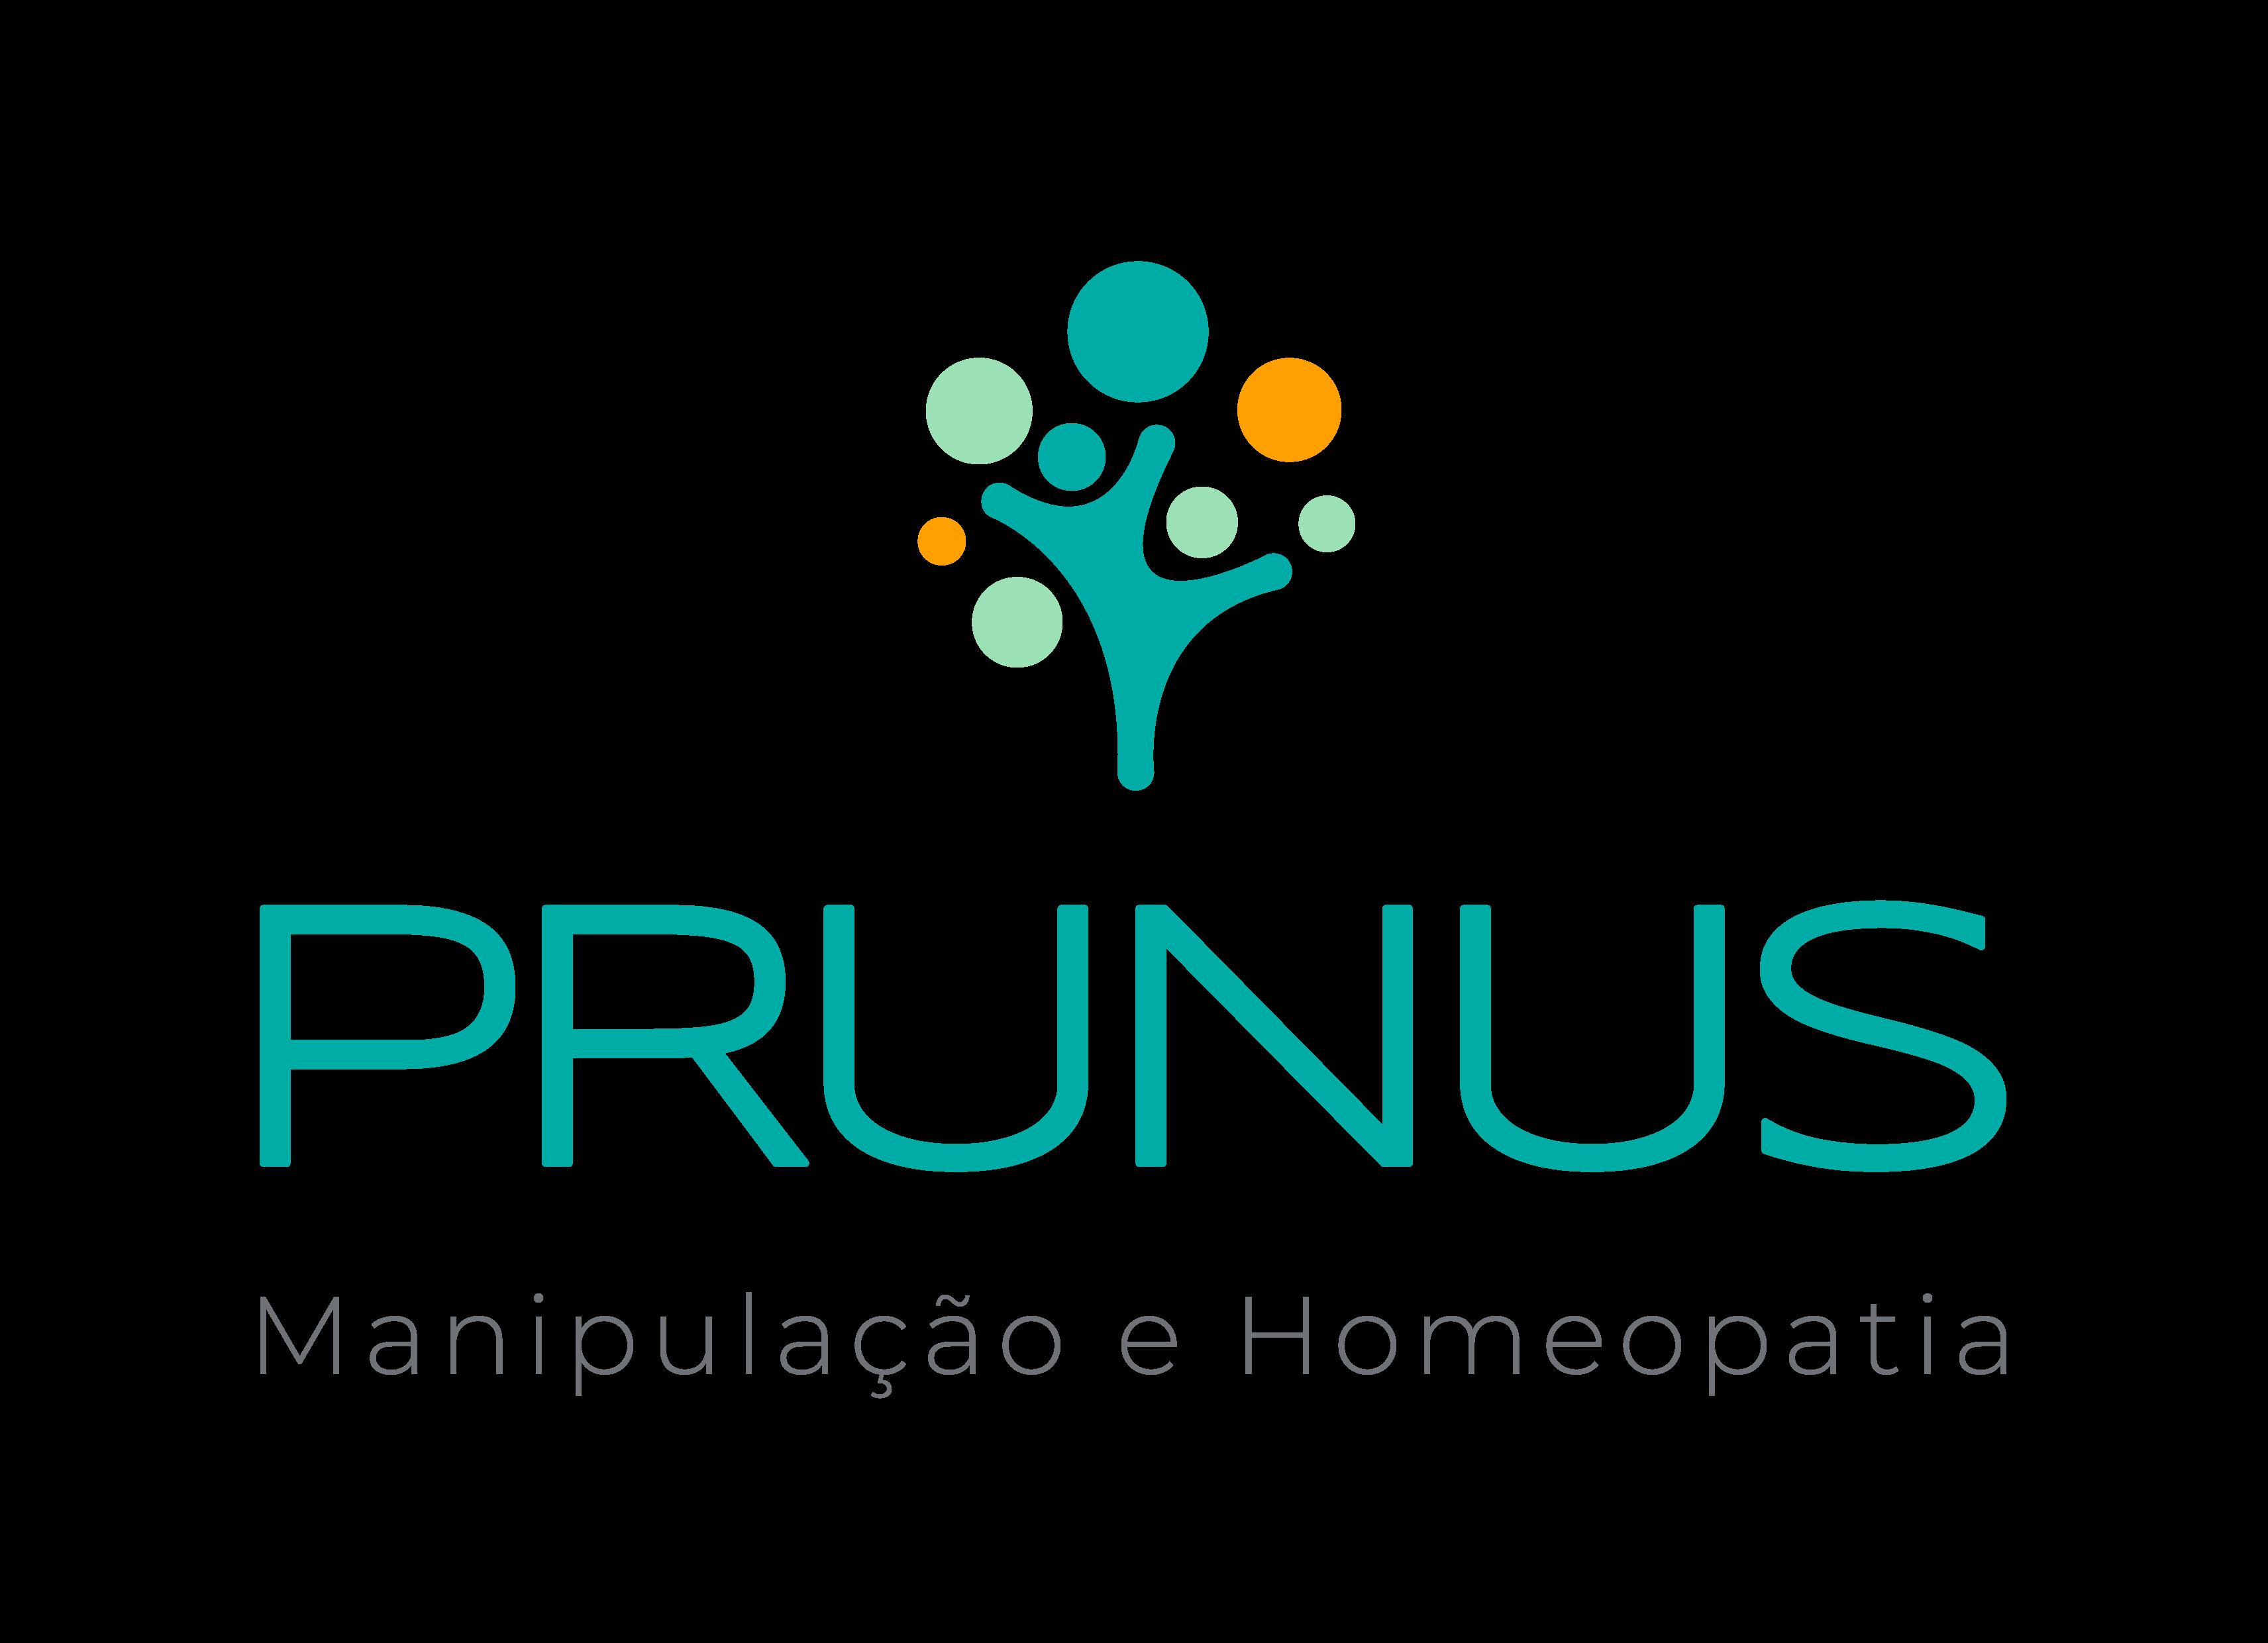 Prunus Manipulação e Homeopatia